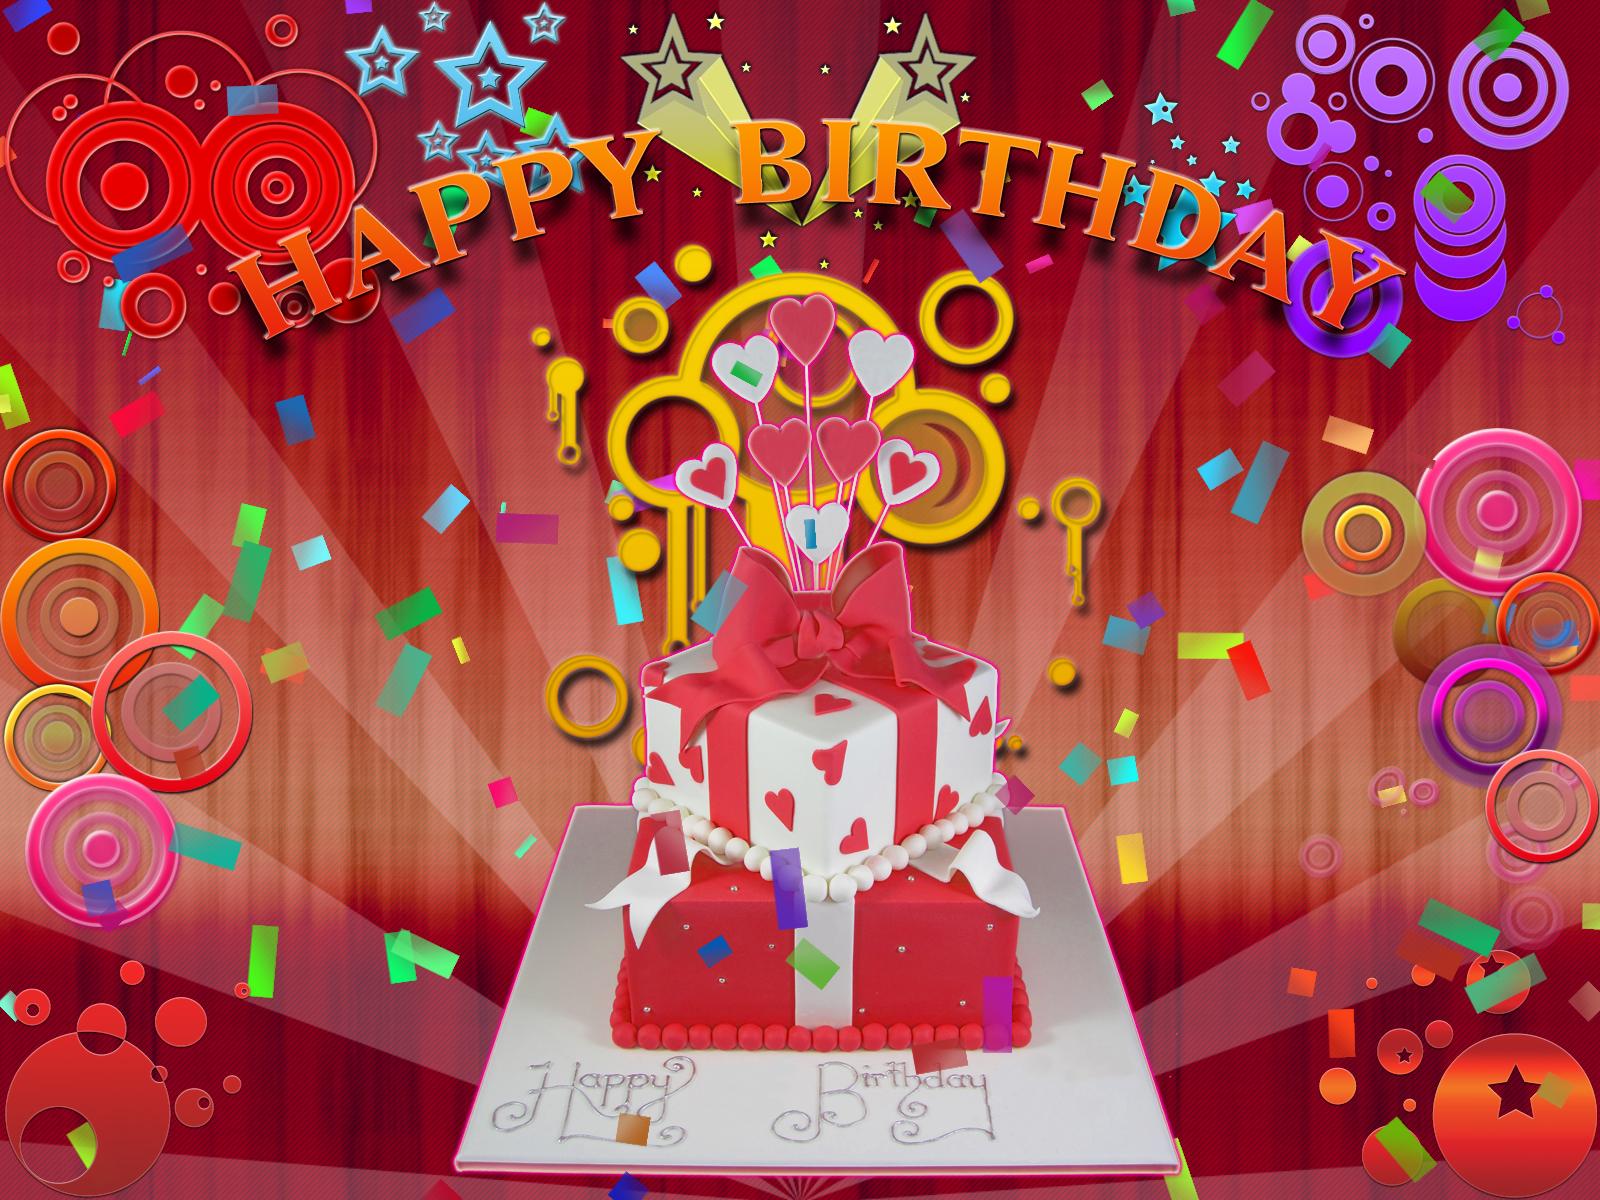 Happy Birthday Wallpapers For Desktop 1600x1200